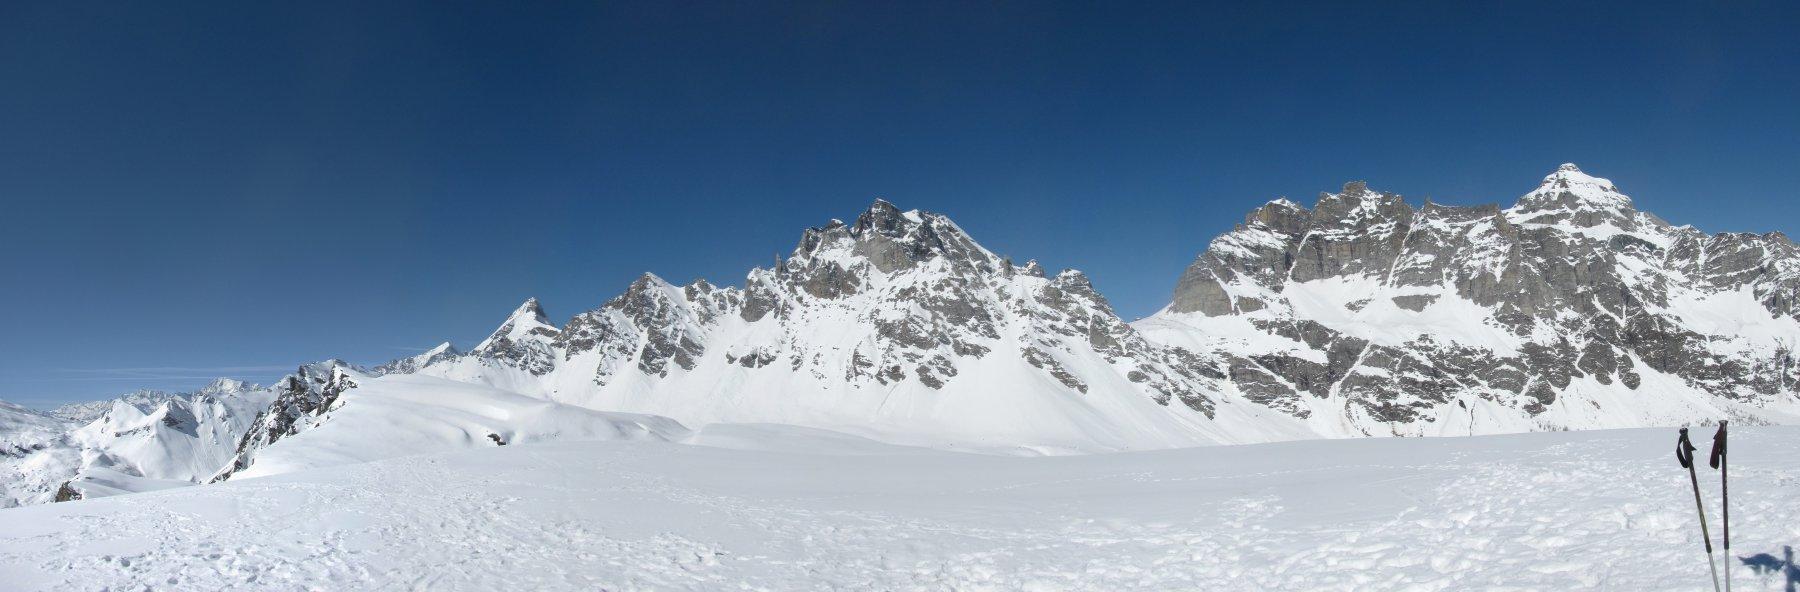 Panorama con P.ta di Boccareccio, Pizzo Cornera, P.ta Devero e M. Cervandone